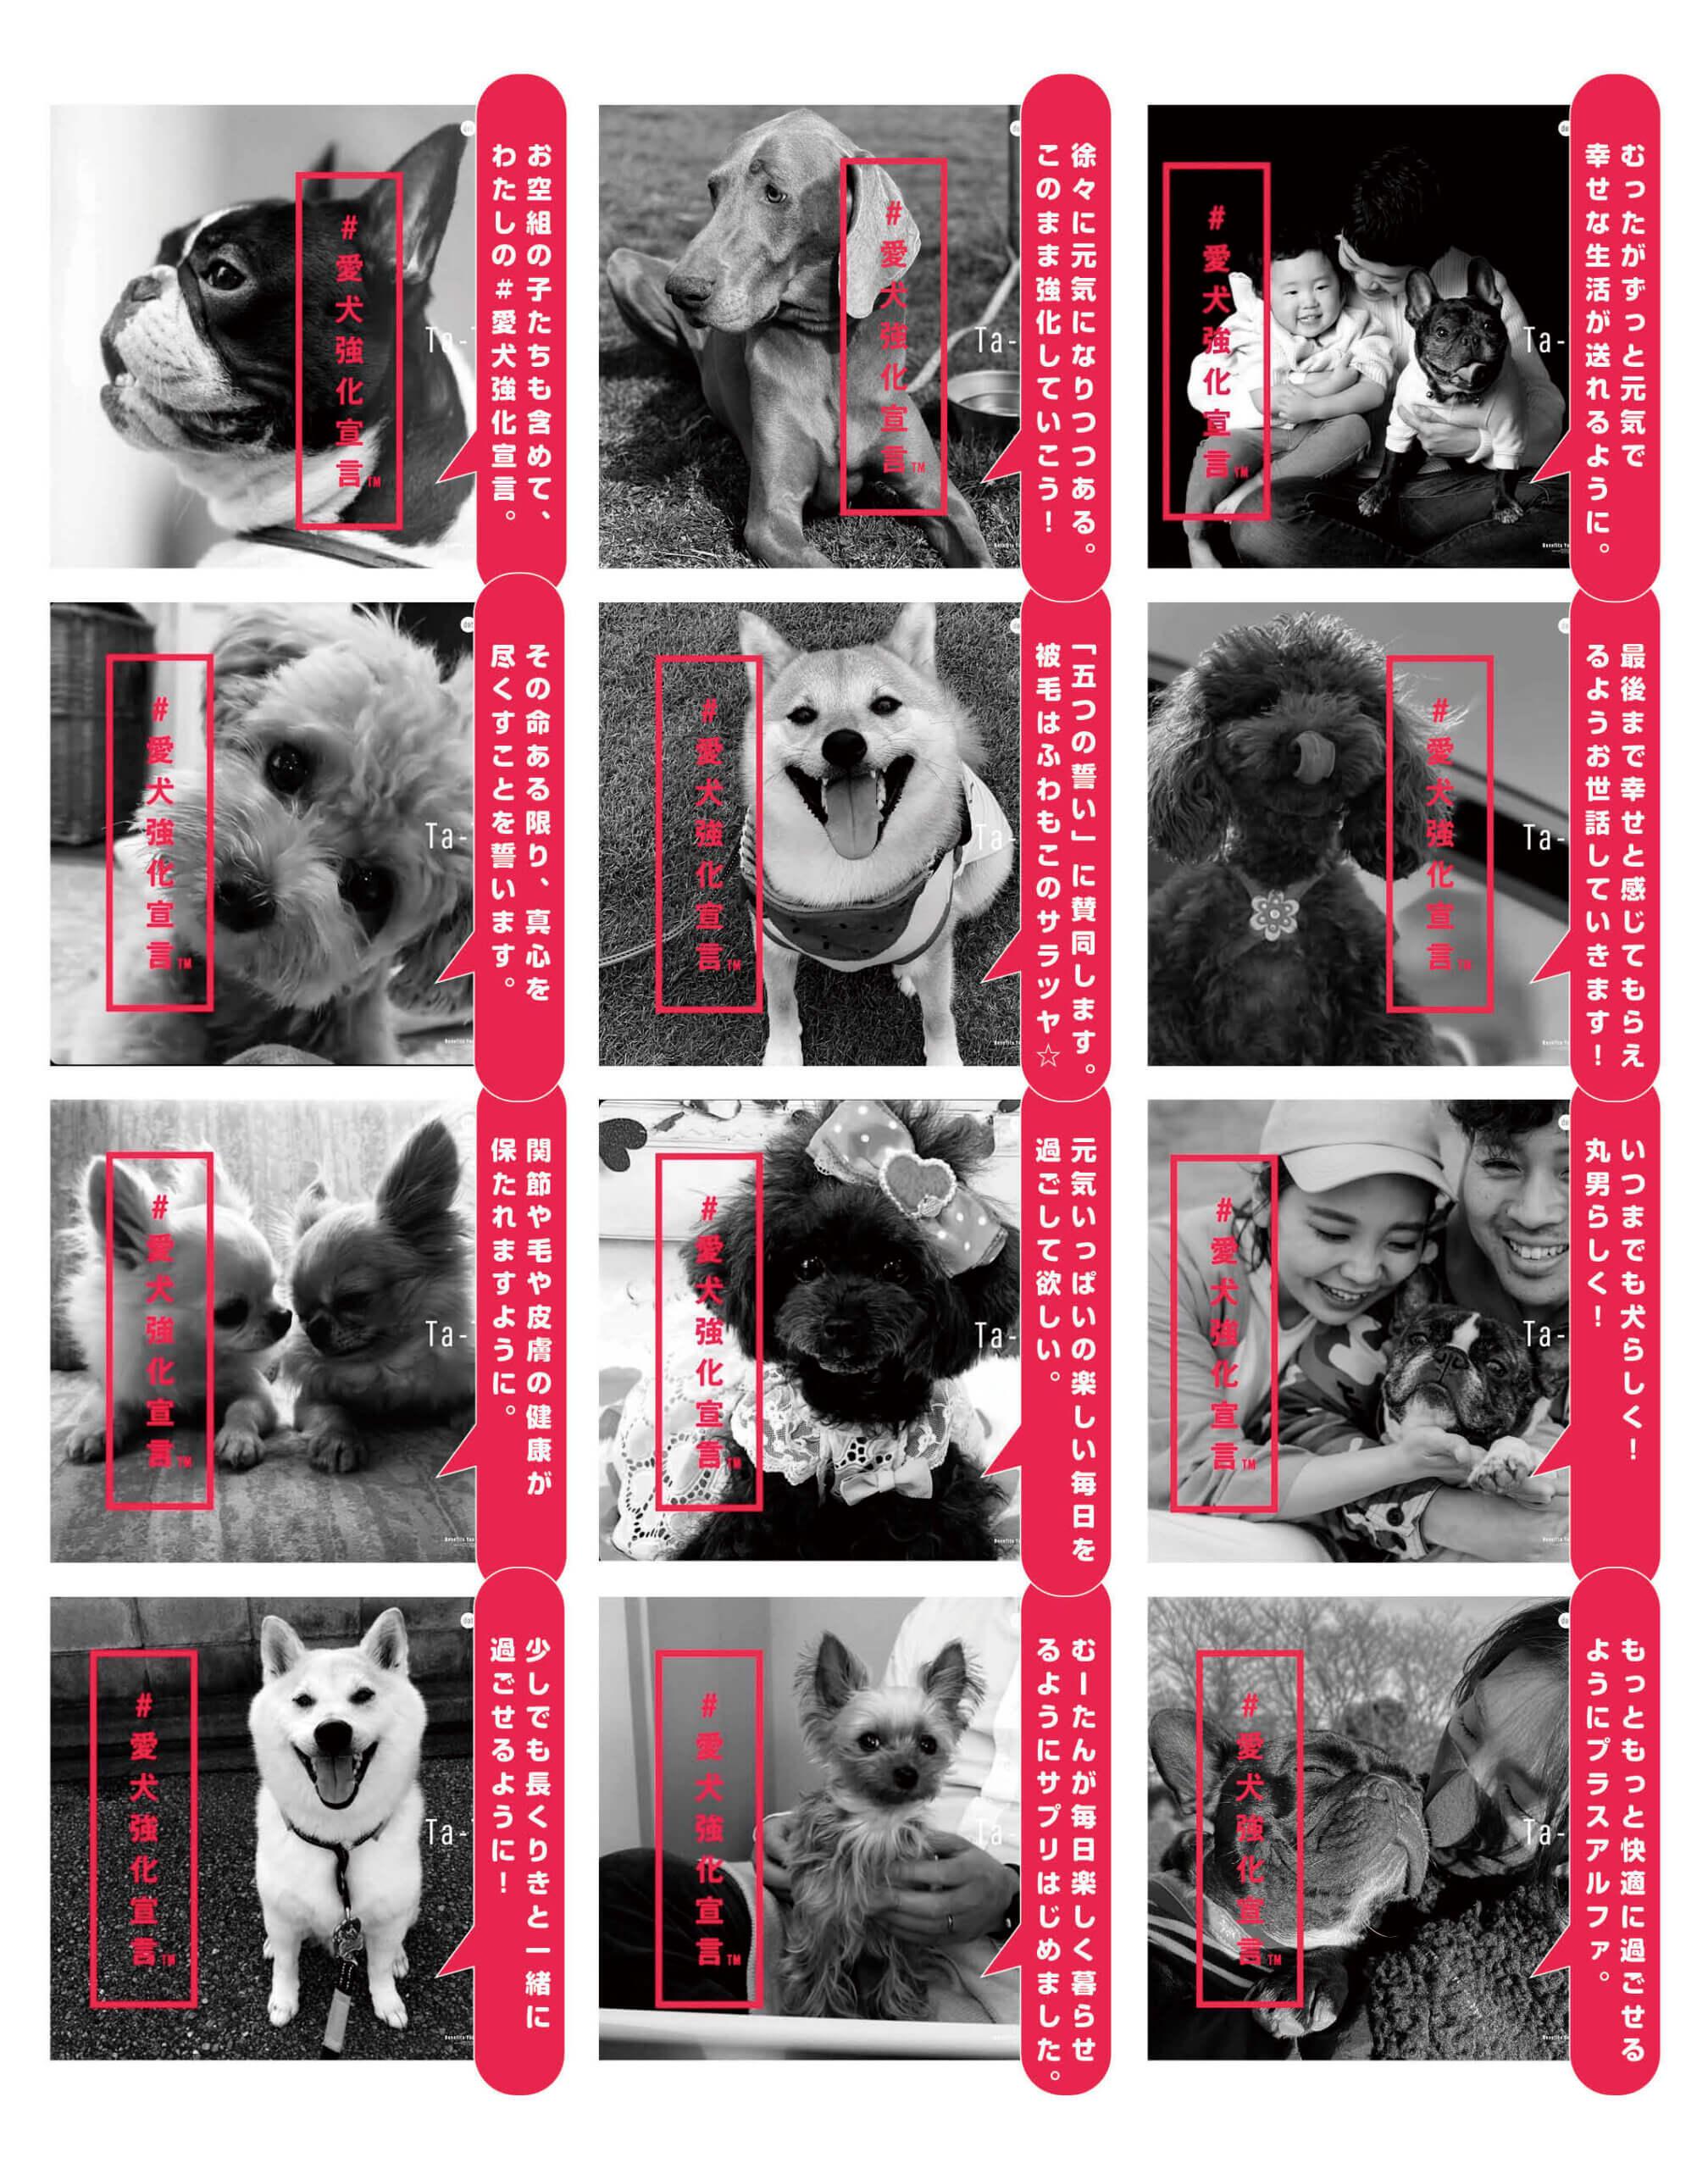 愛犬強化宣言